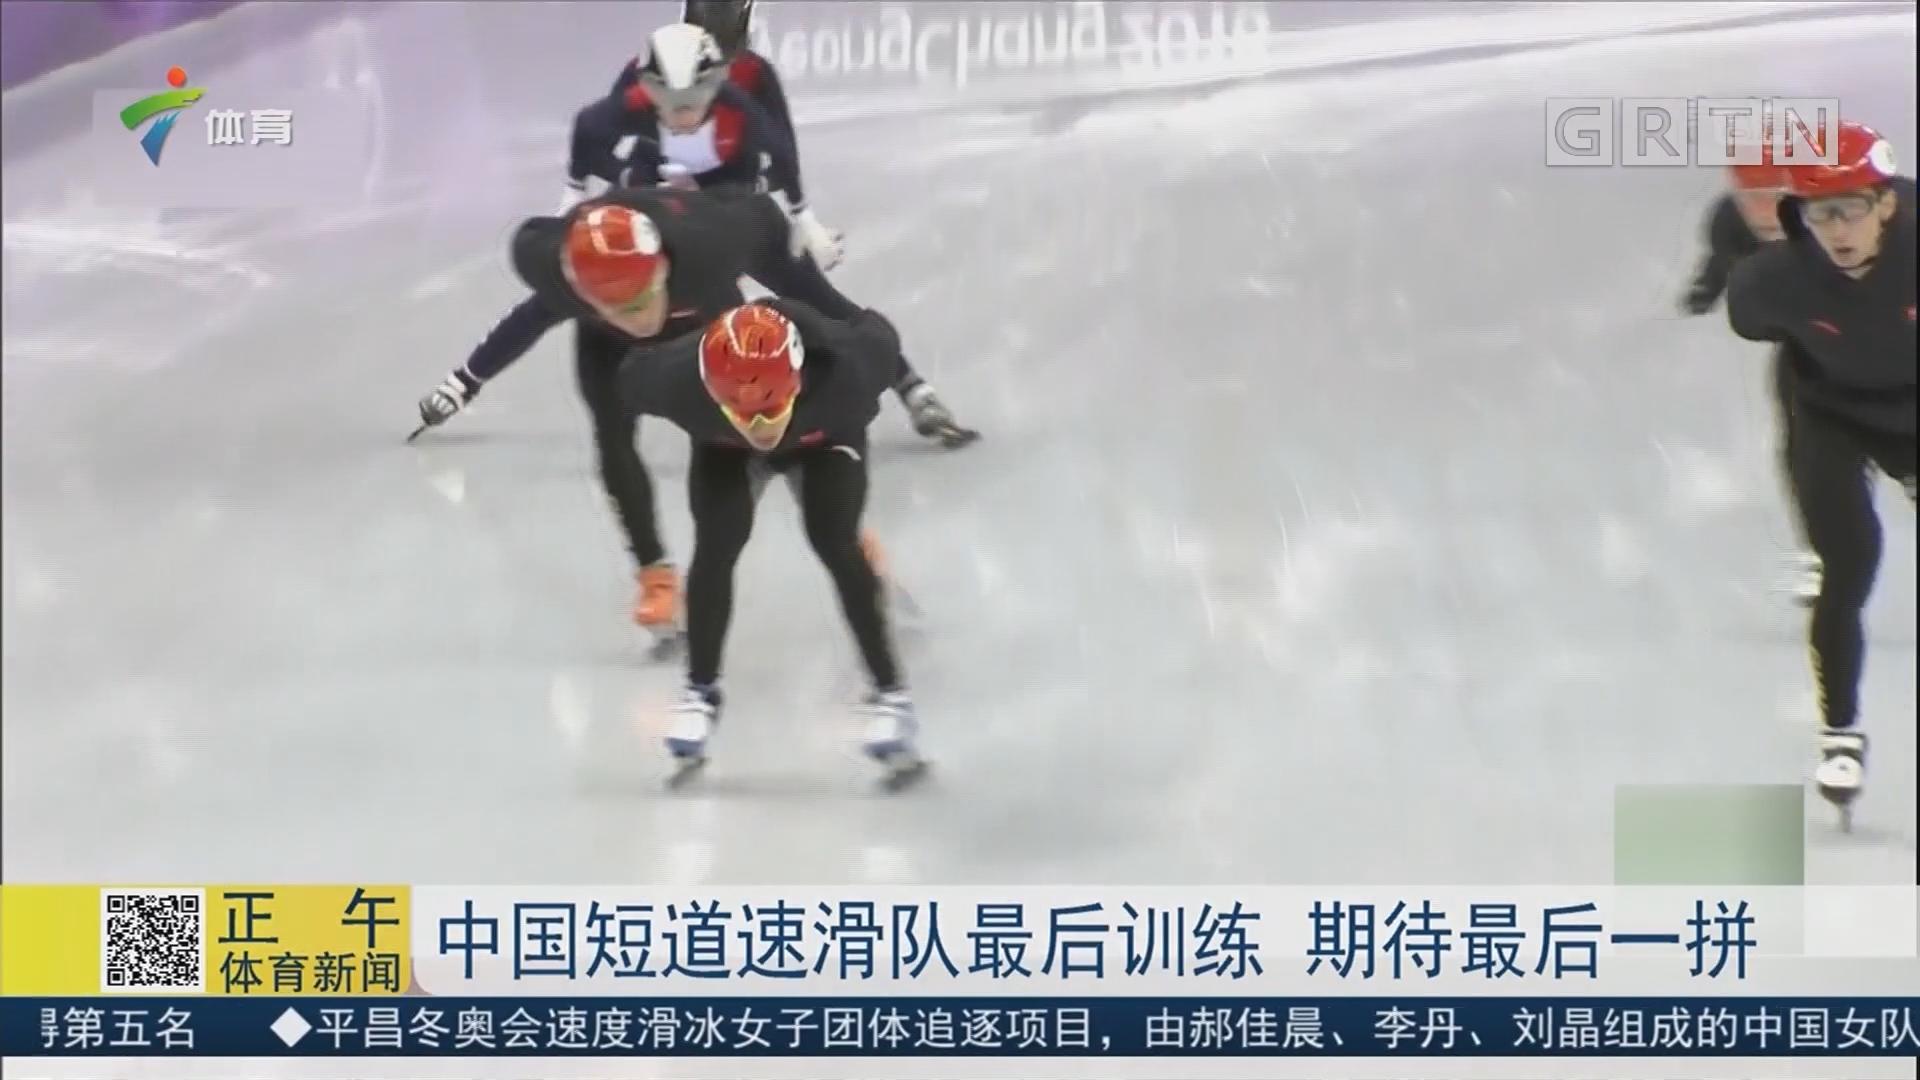 中国短道速滑队最后训练 期待最后一拼